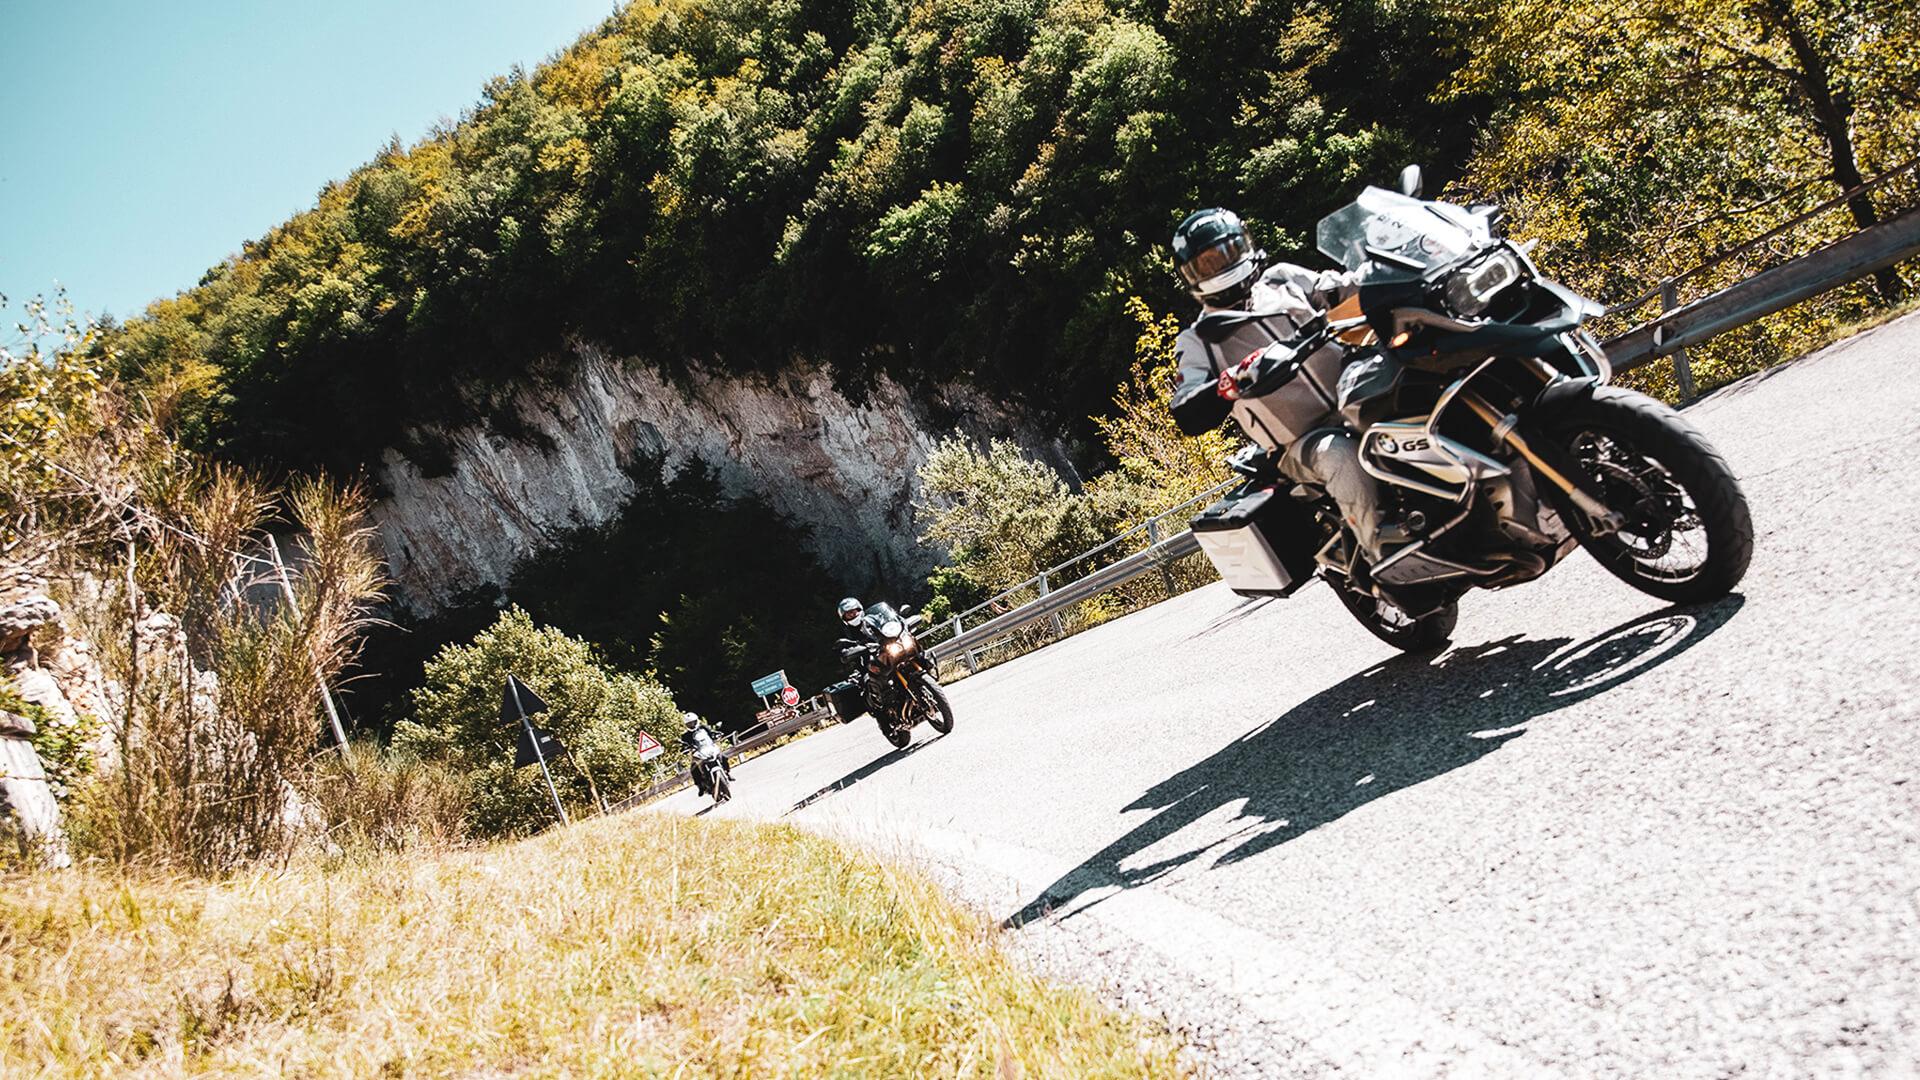 1000 Curve evento motociclistico a Misano Adriatico